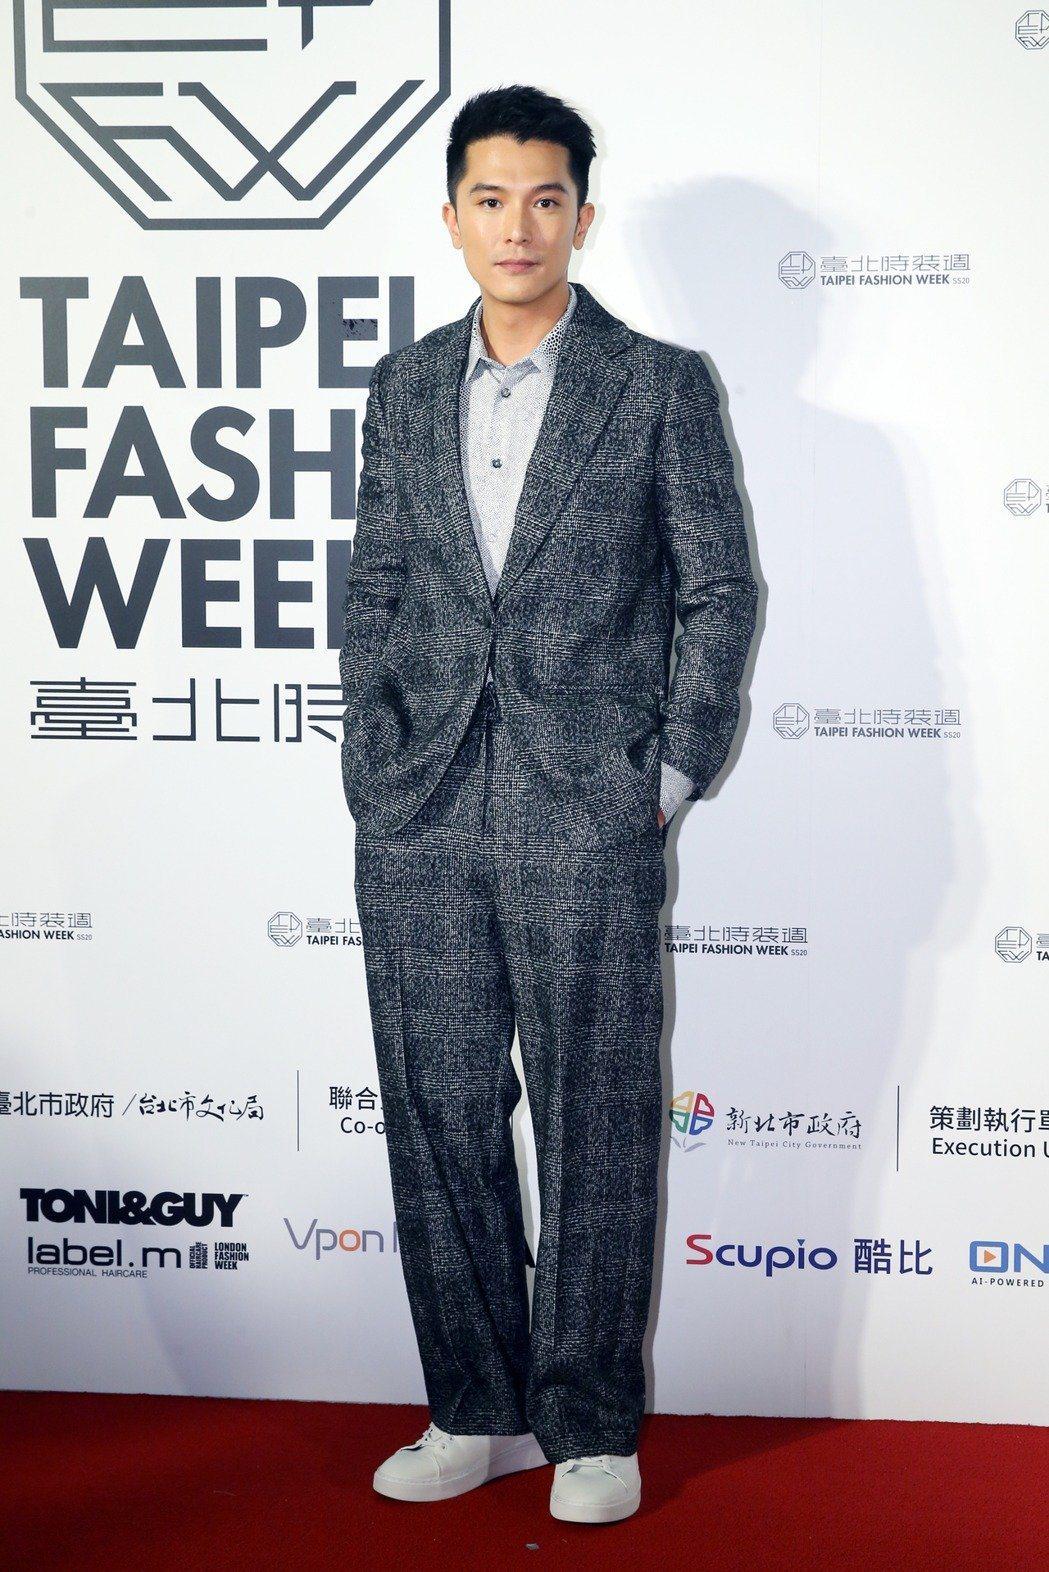 邱澤身著台灣設計師服飾亮相台北時裝週。記者許正宏/攝影